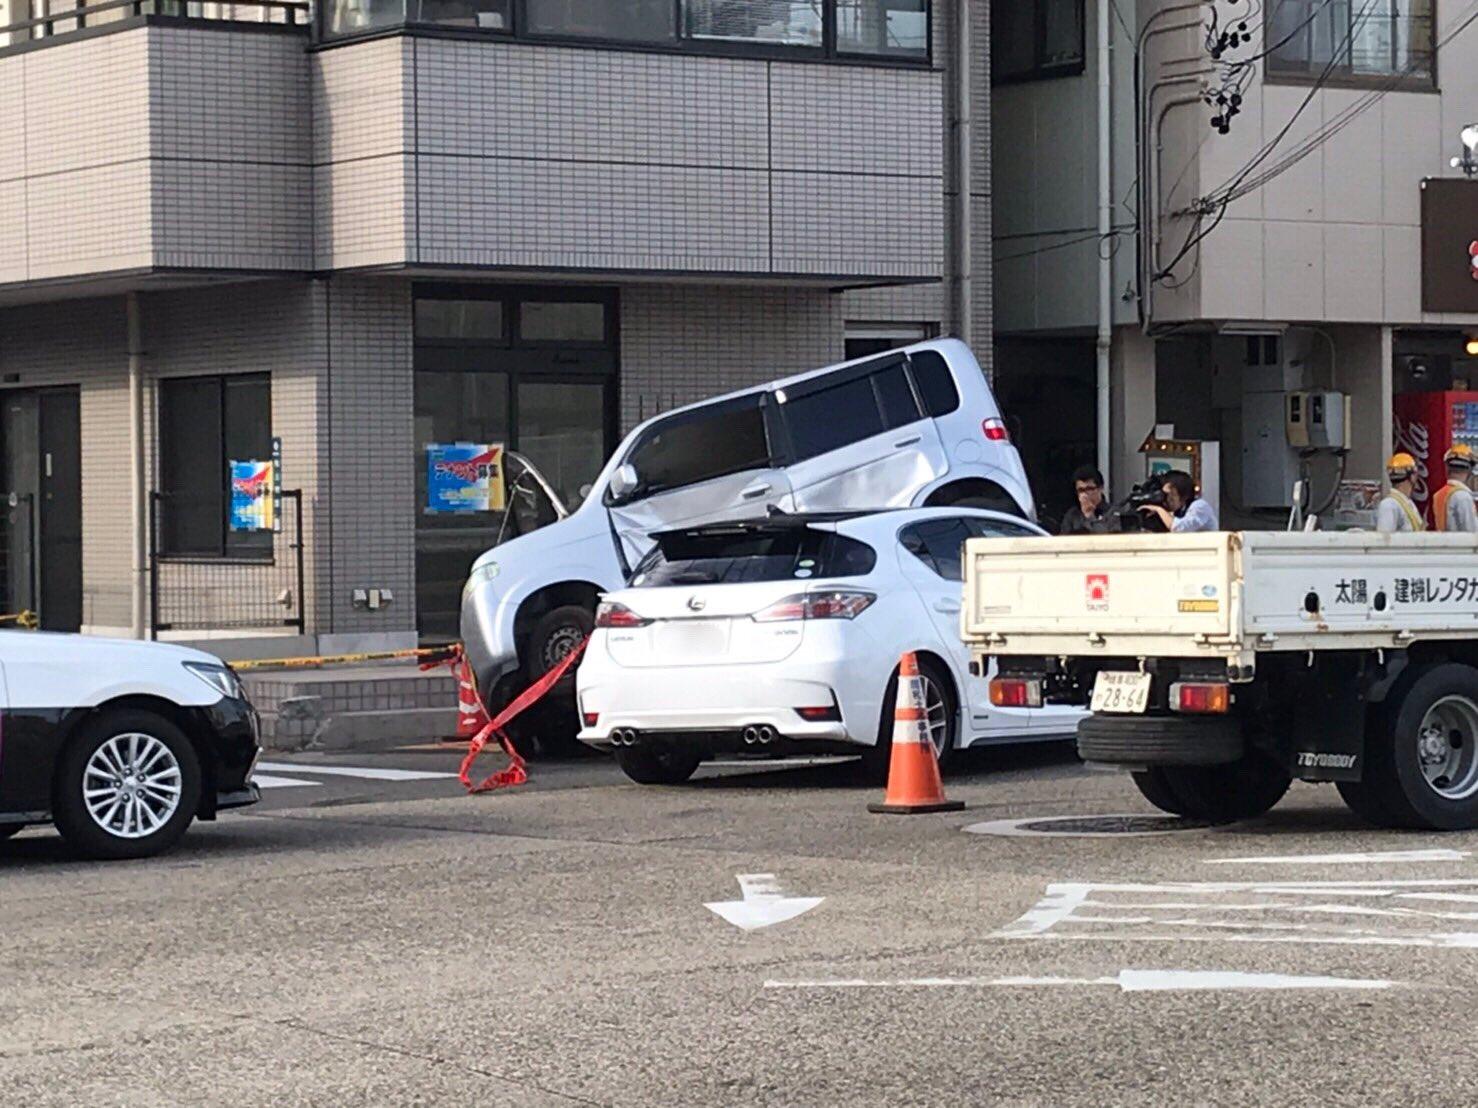 名古屋市昭和区の八熊通で事故が起きた現場画像